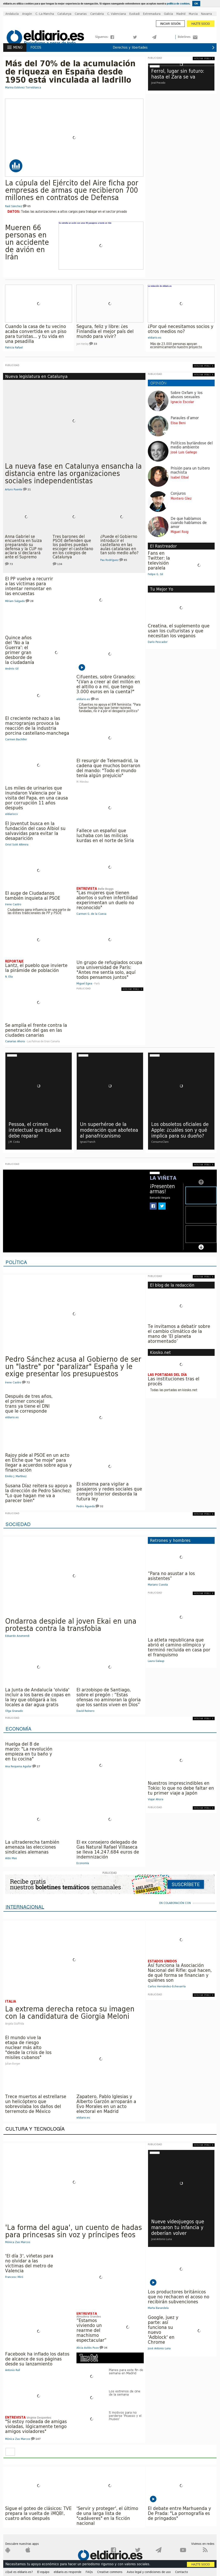 El Diario at Thursday March 15, 2018, 12:03 p.m. UTC